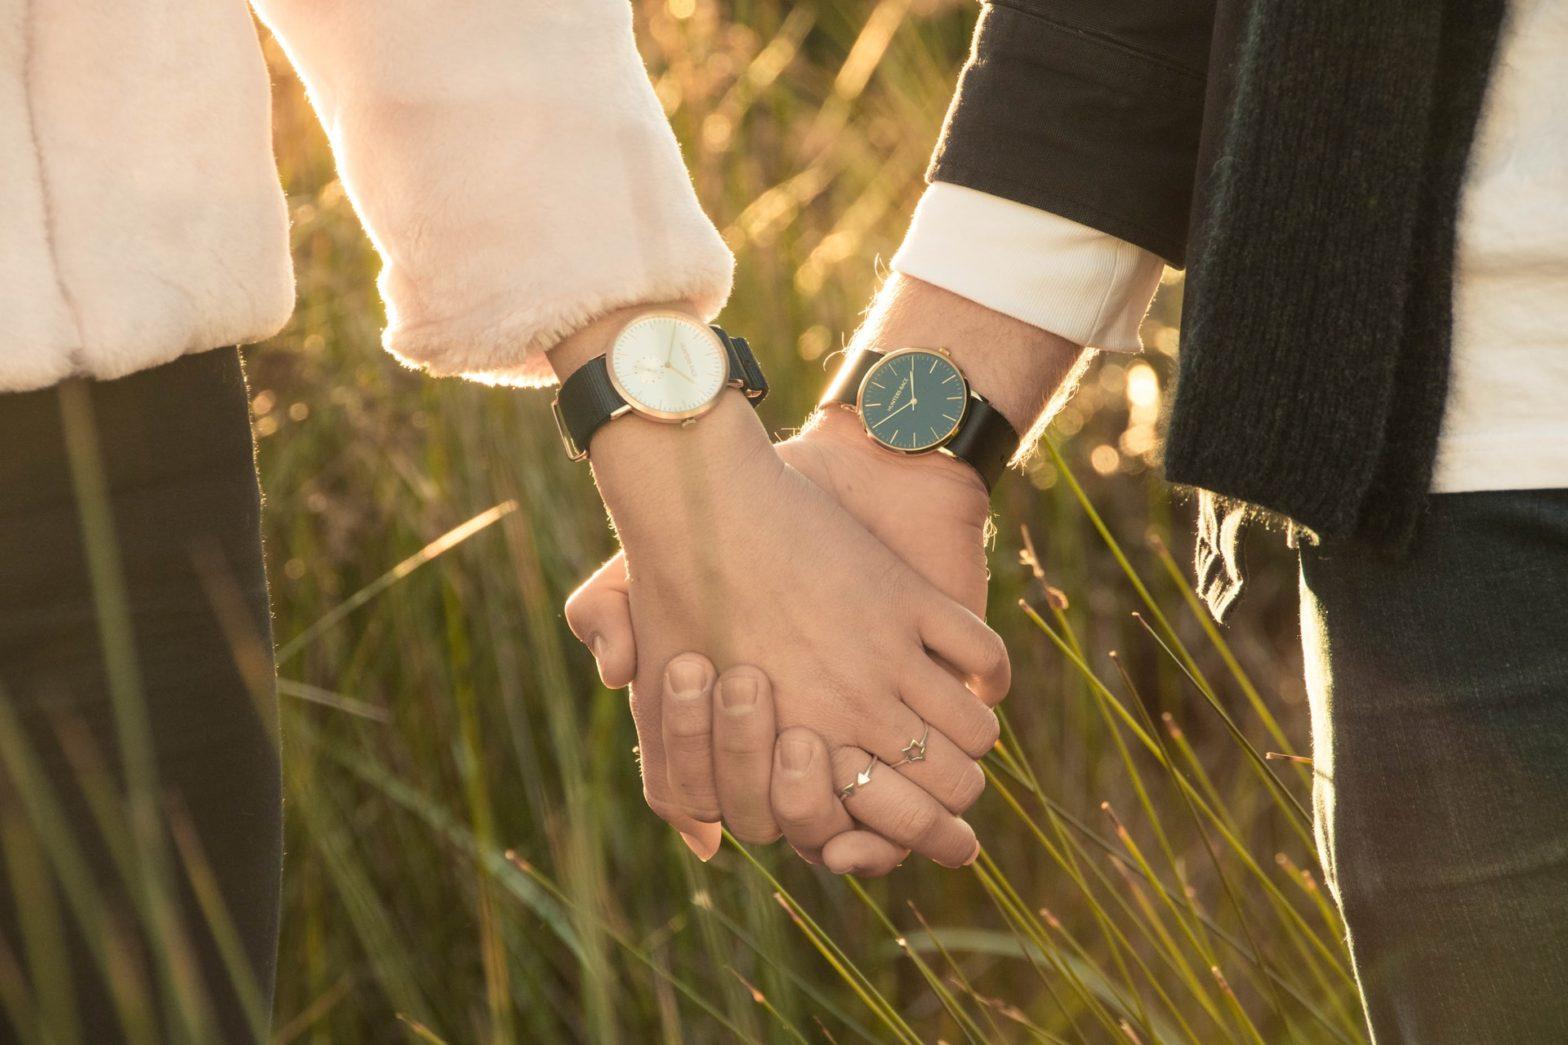 7 Best Men's Timepieces By Oris In 2021